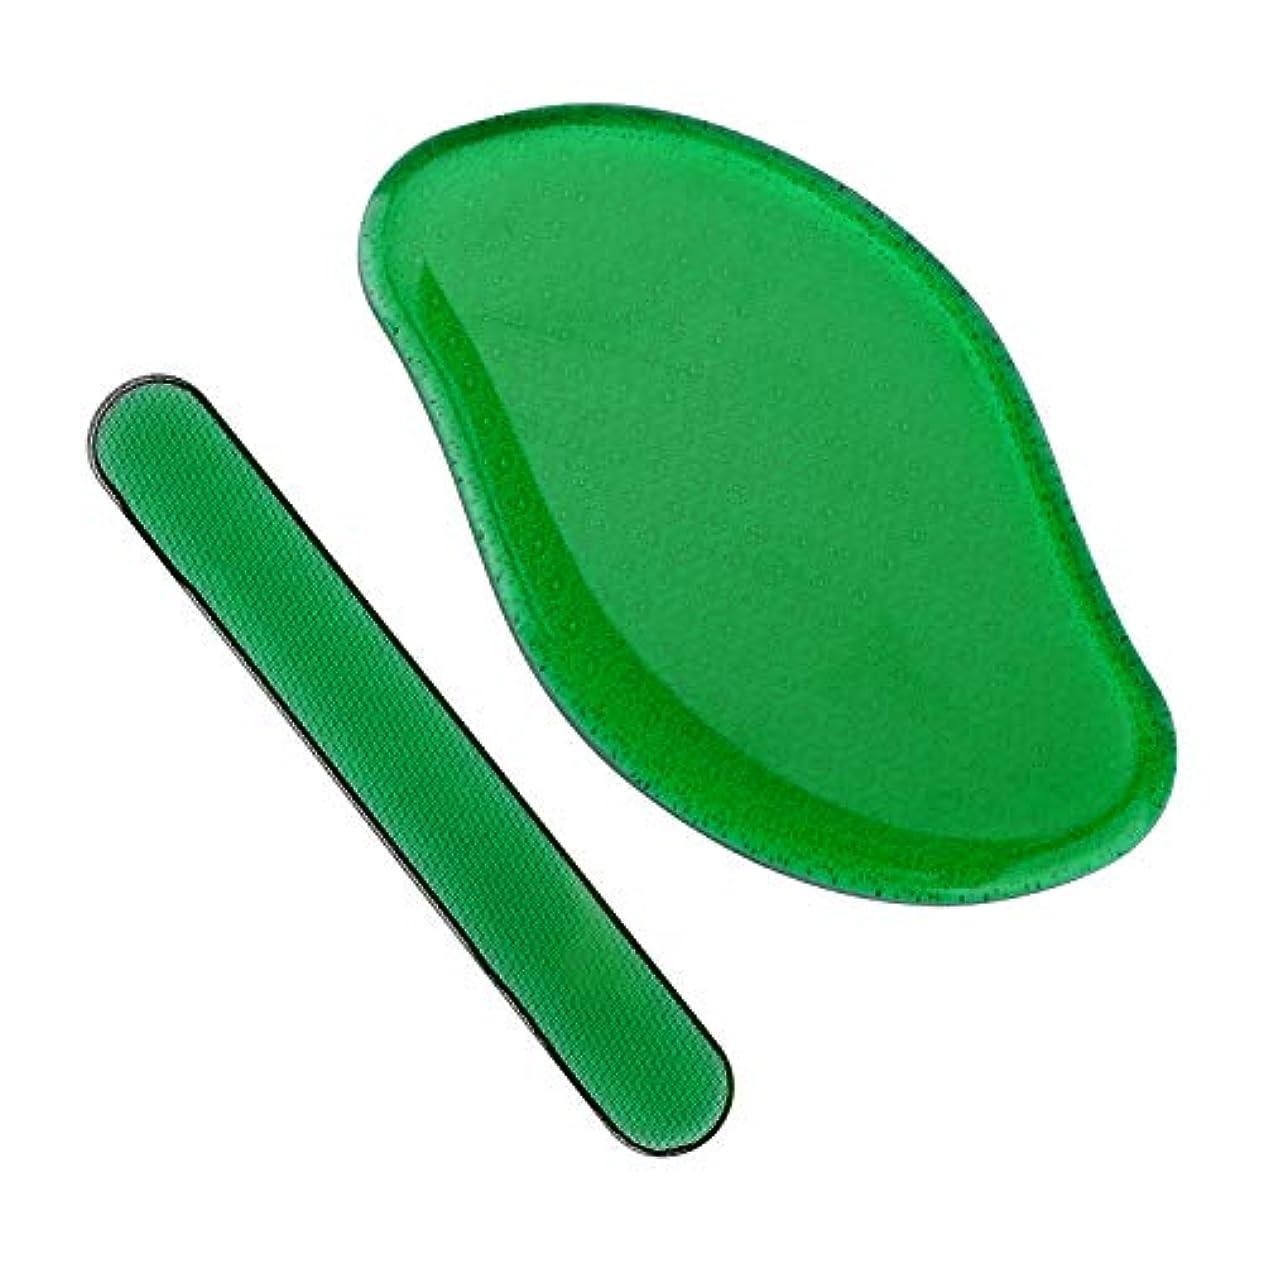 切手上に築きます認可Shinenail ガラス製 かかと 角質取り かかと削り ガラス 爪磨き付き かかとやすり かかと磨き 角質除去 足 角質ケア ヤスリ 足裏 踵 フットケア 丸洗いOK 爪磨き付き